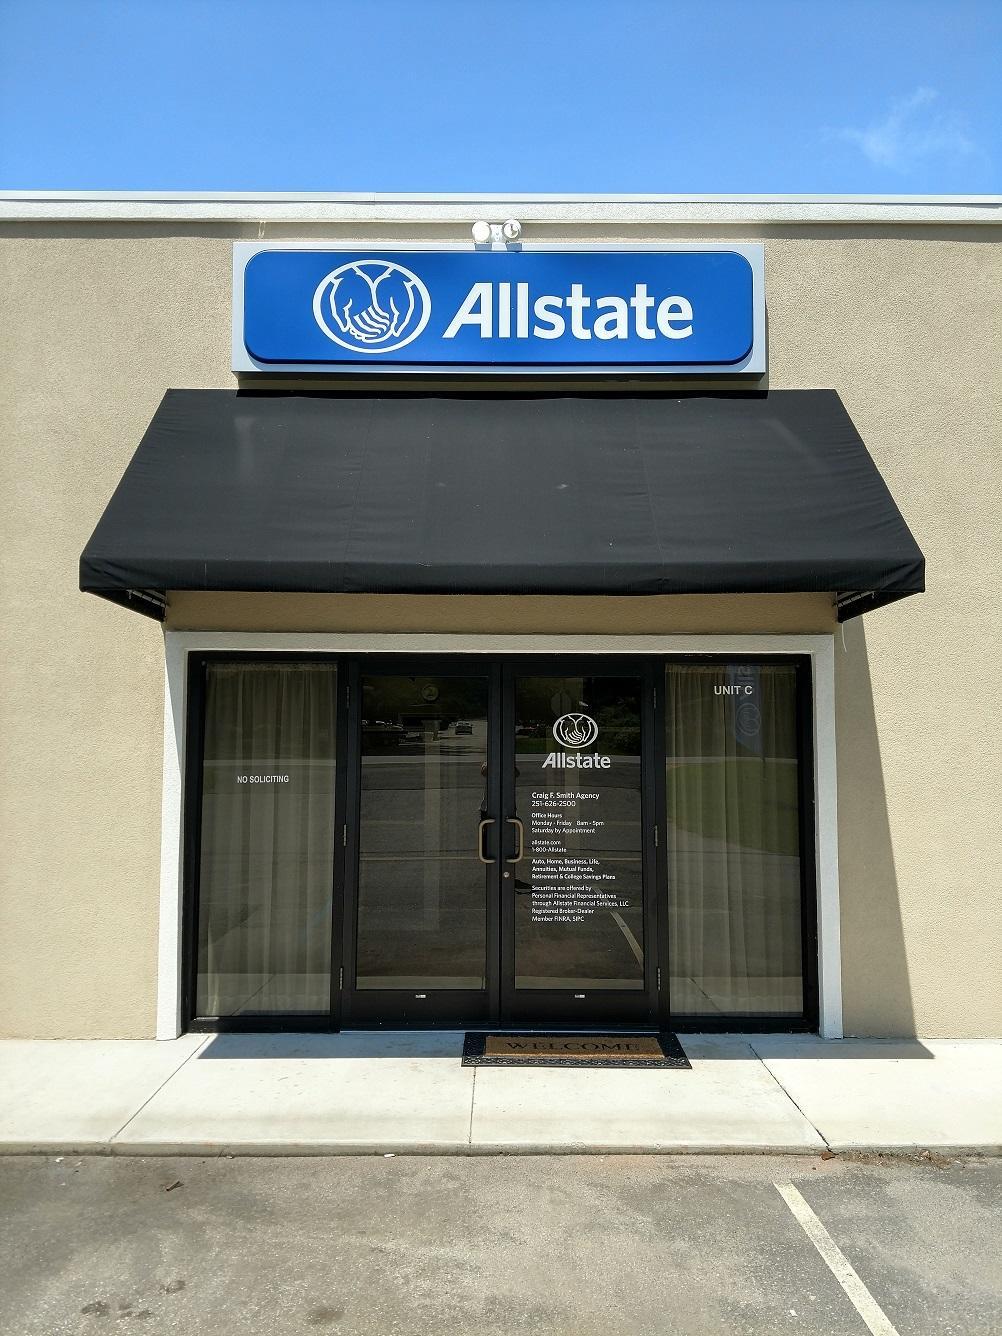 Our New Location: 28623 N Main St, Suite C, Daphne, AL 36526